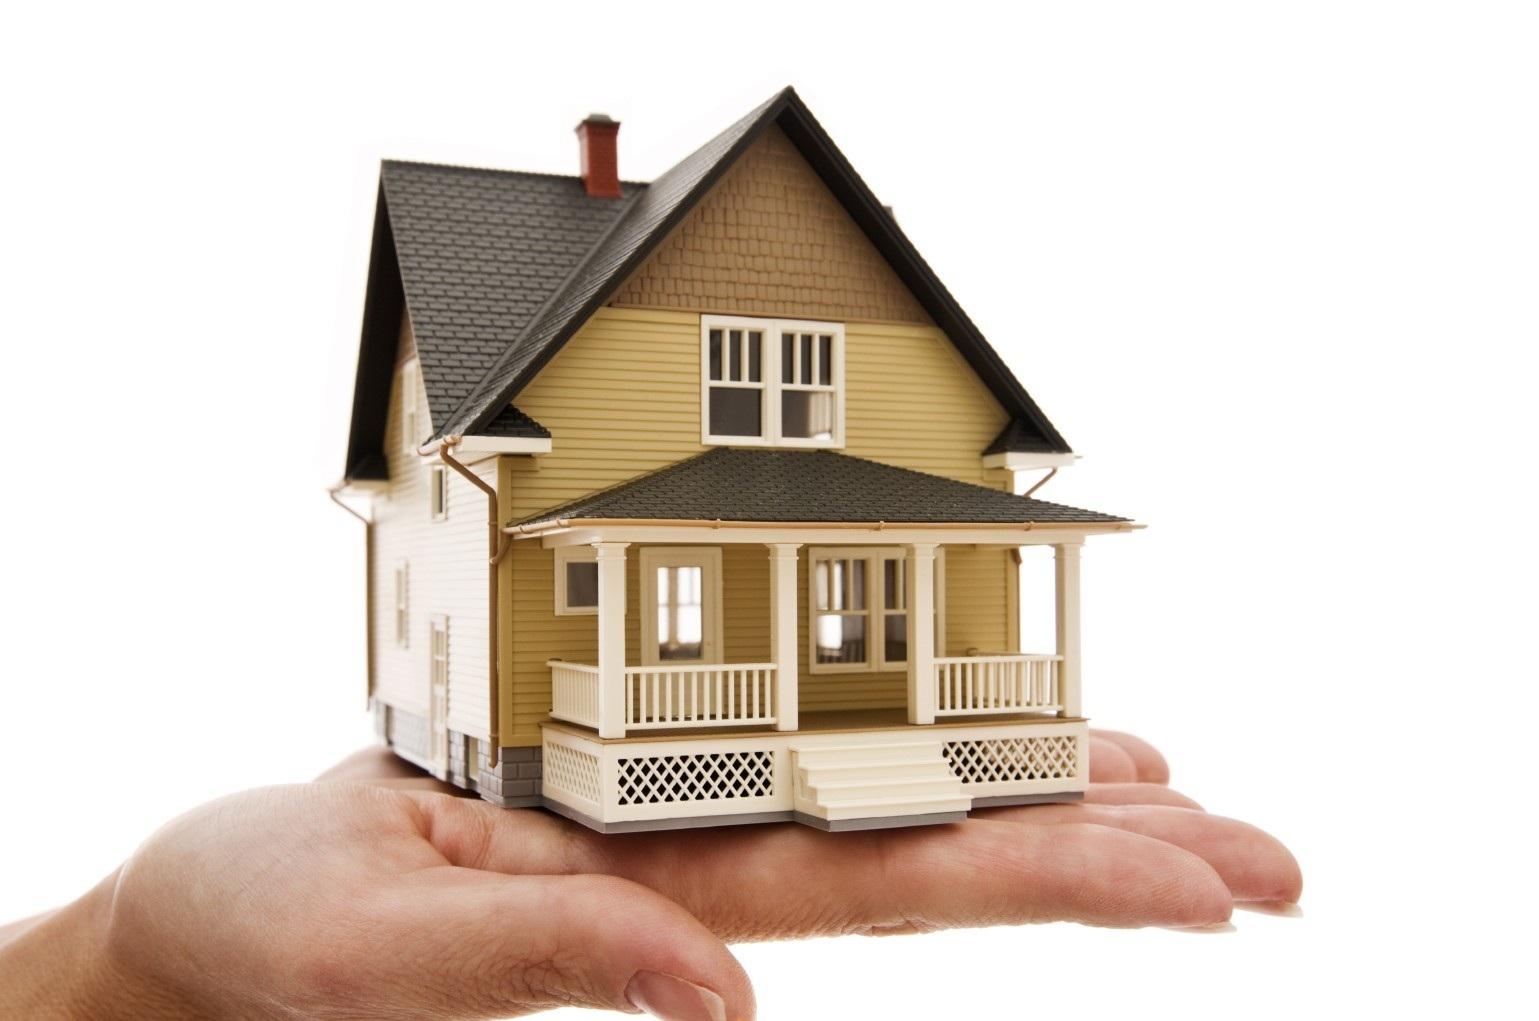 Hoàn công nhà không bắt buộc đối với dự án nhà ở vùng nông thôn không cần giấy phép xây dựng